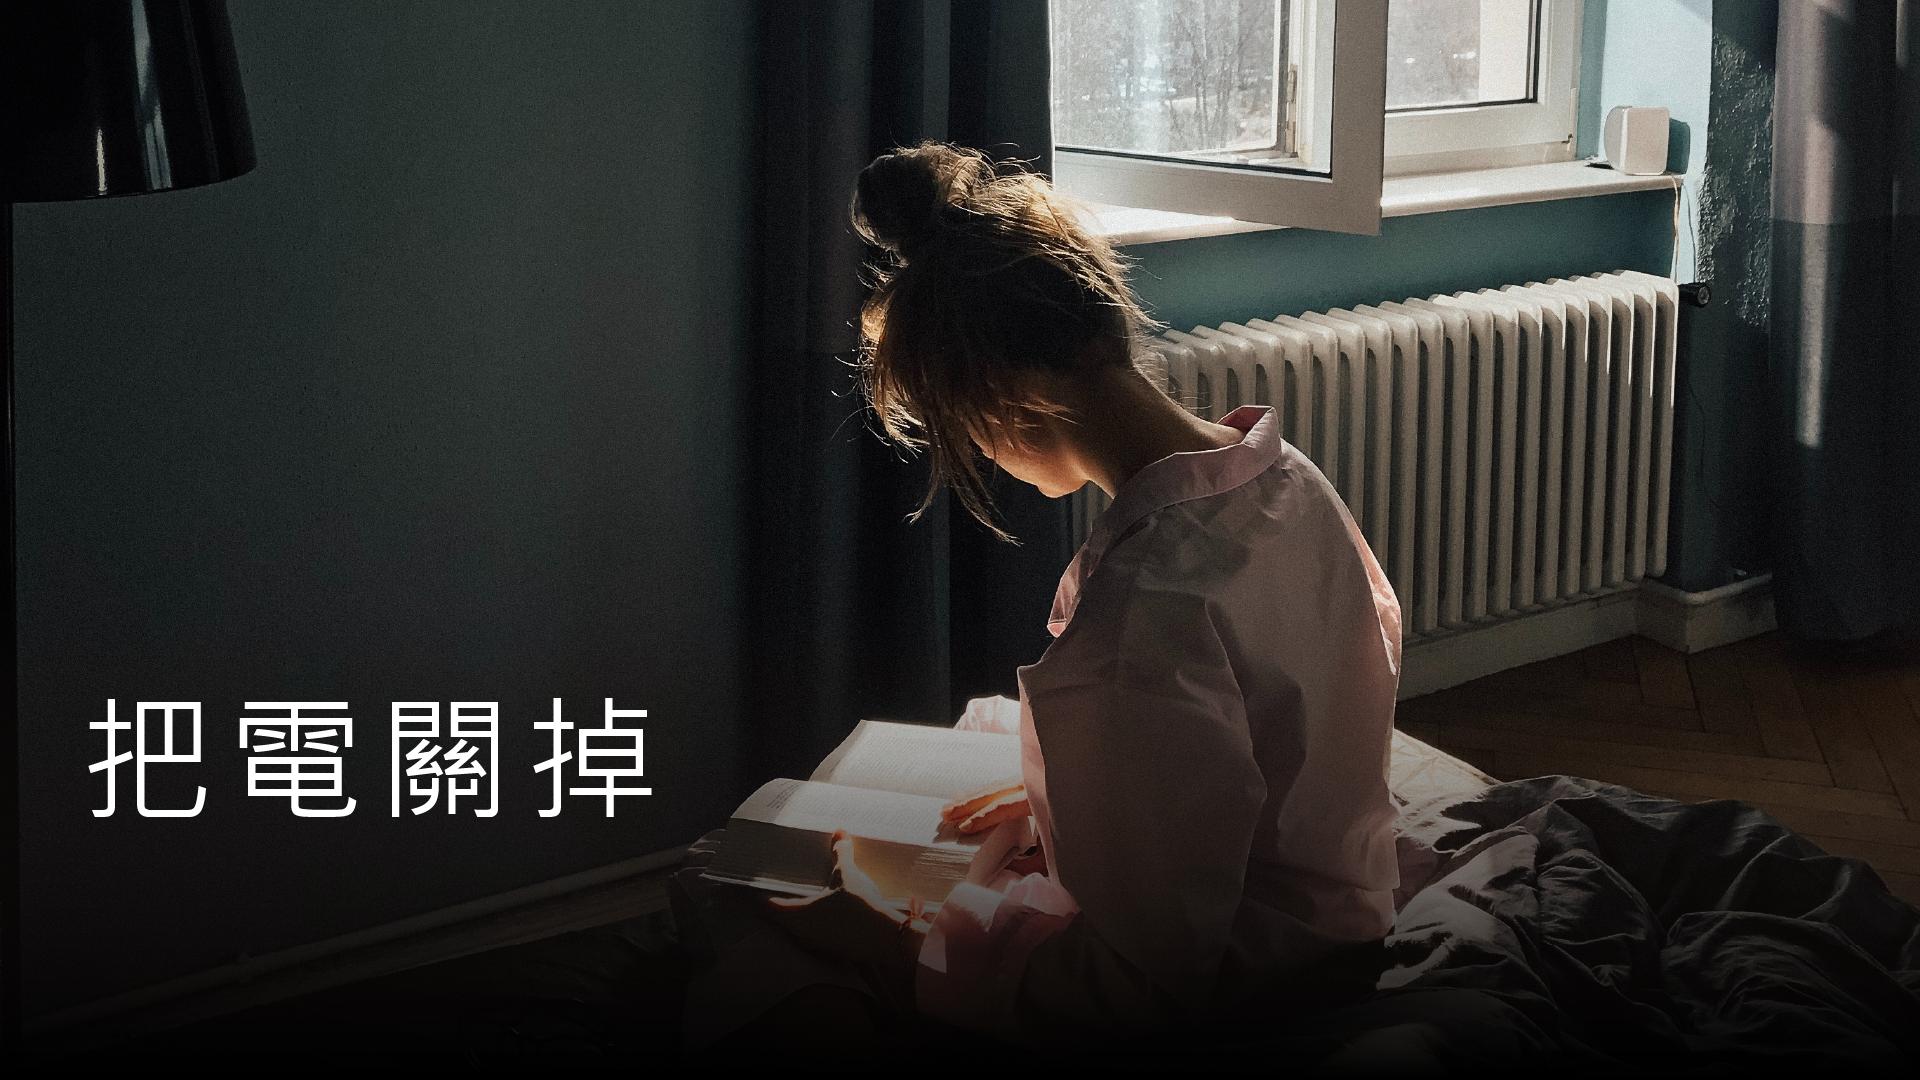 把電關掉 或許你已經好久沒有摸紙本了,重溫閱讀帶給你的感動吧